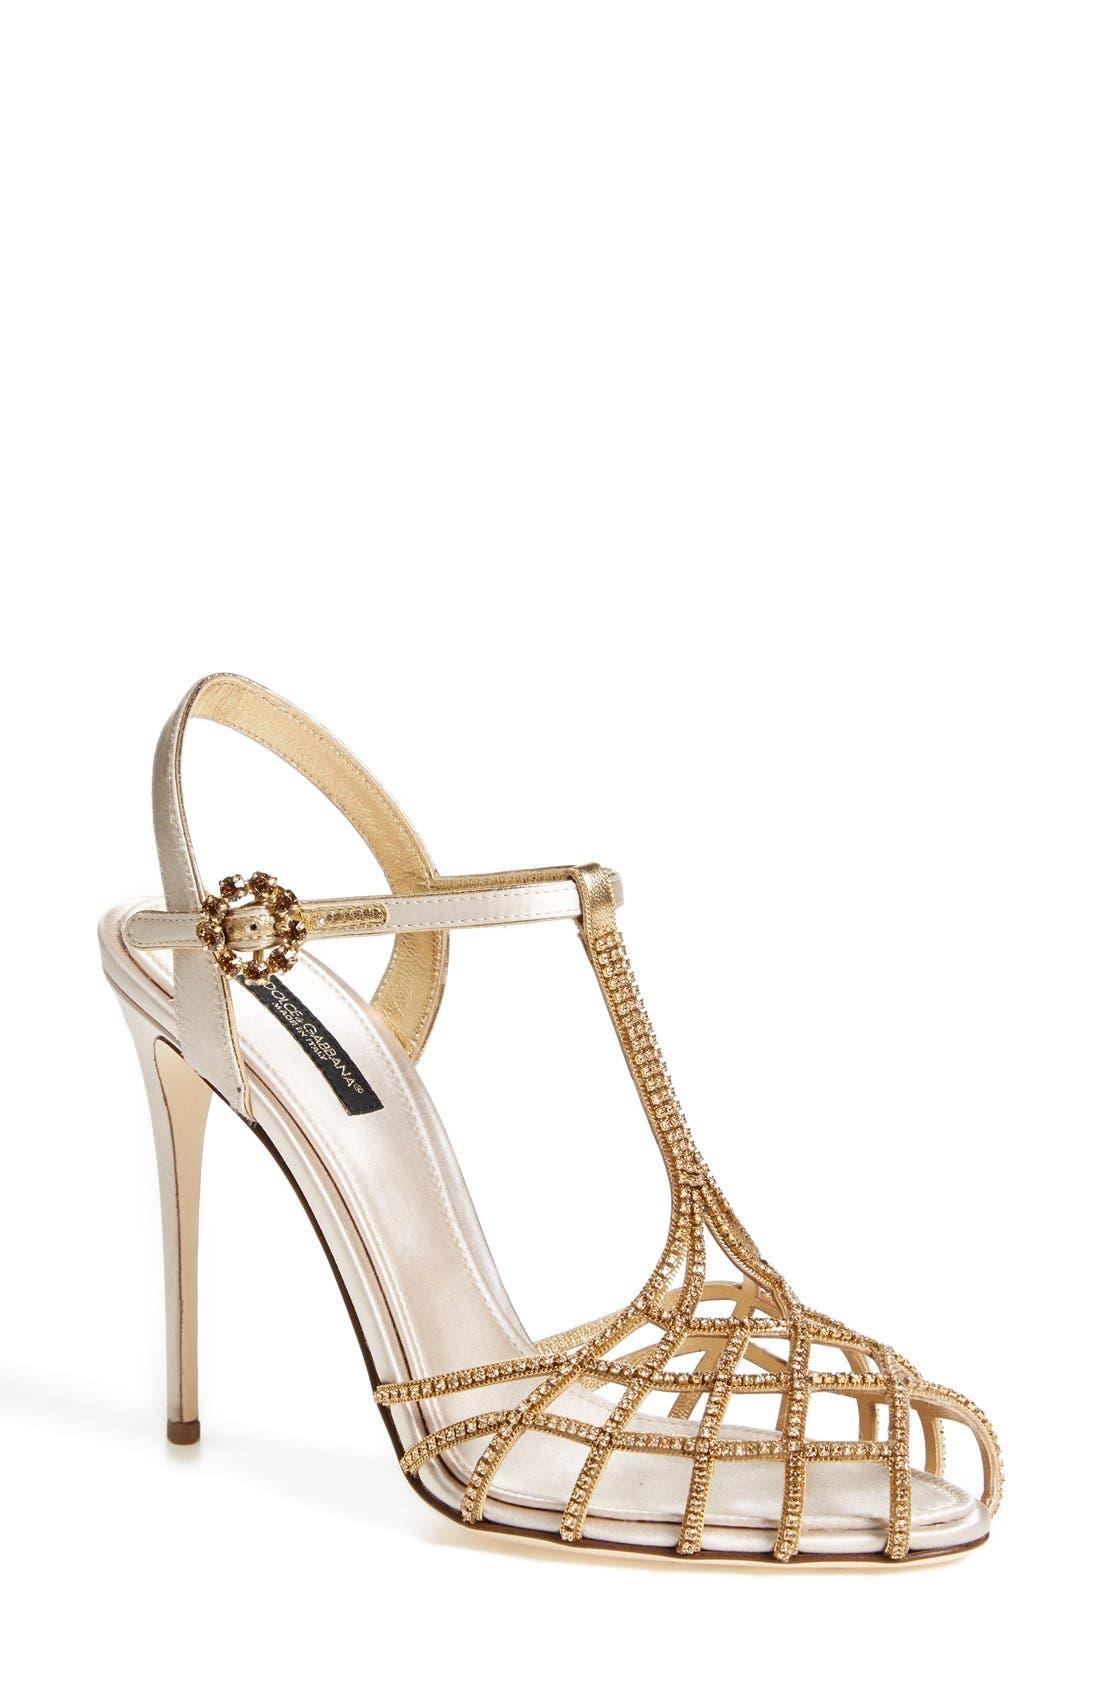 Main Image - Dolce&Gabbana Crystal T-Bar Sandal (Women)